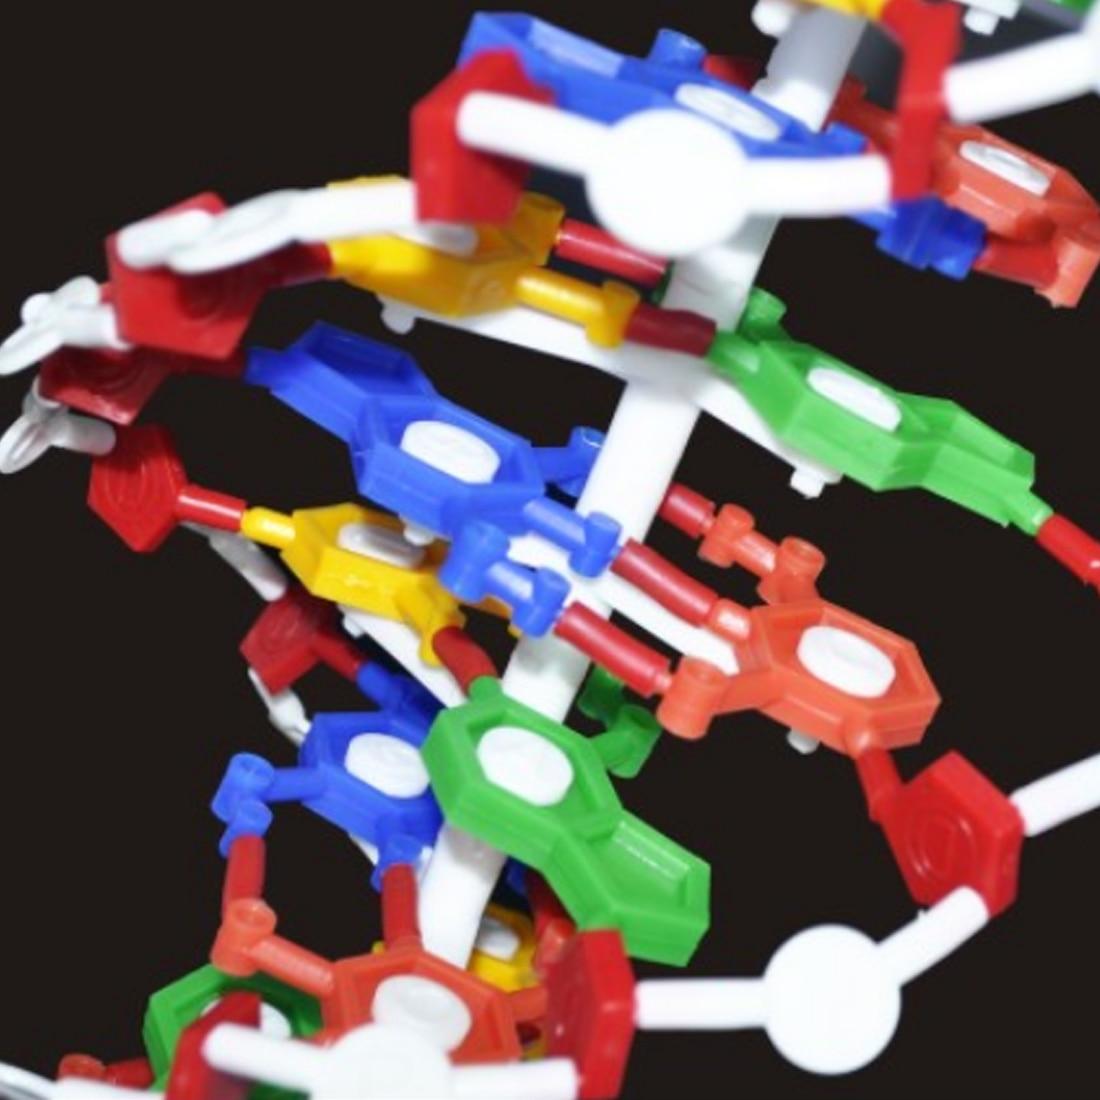 NFSTRIKE biologie aides pédagogiques modèle de Structure d'adn accessoires éducatifs étude adn Science équipement jouets pour enfants 2018 nouveauté - 5